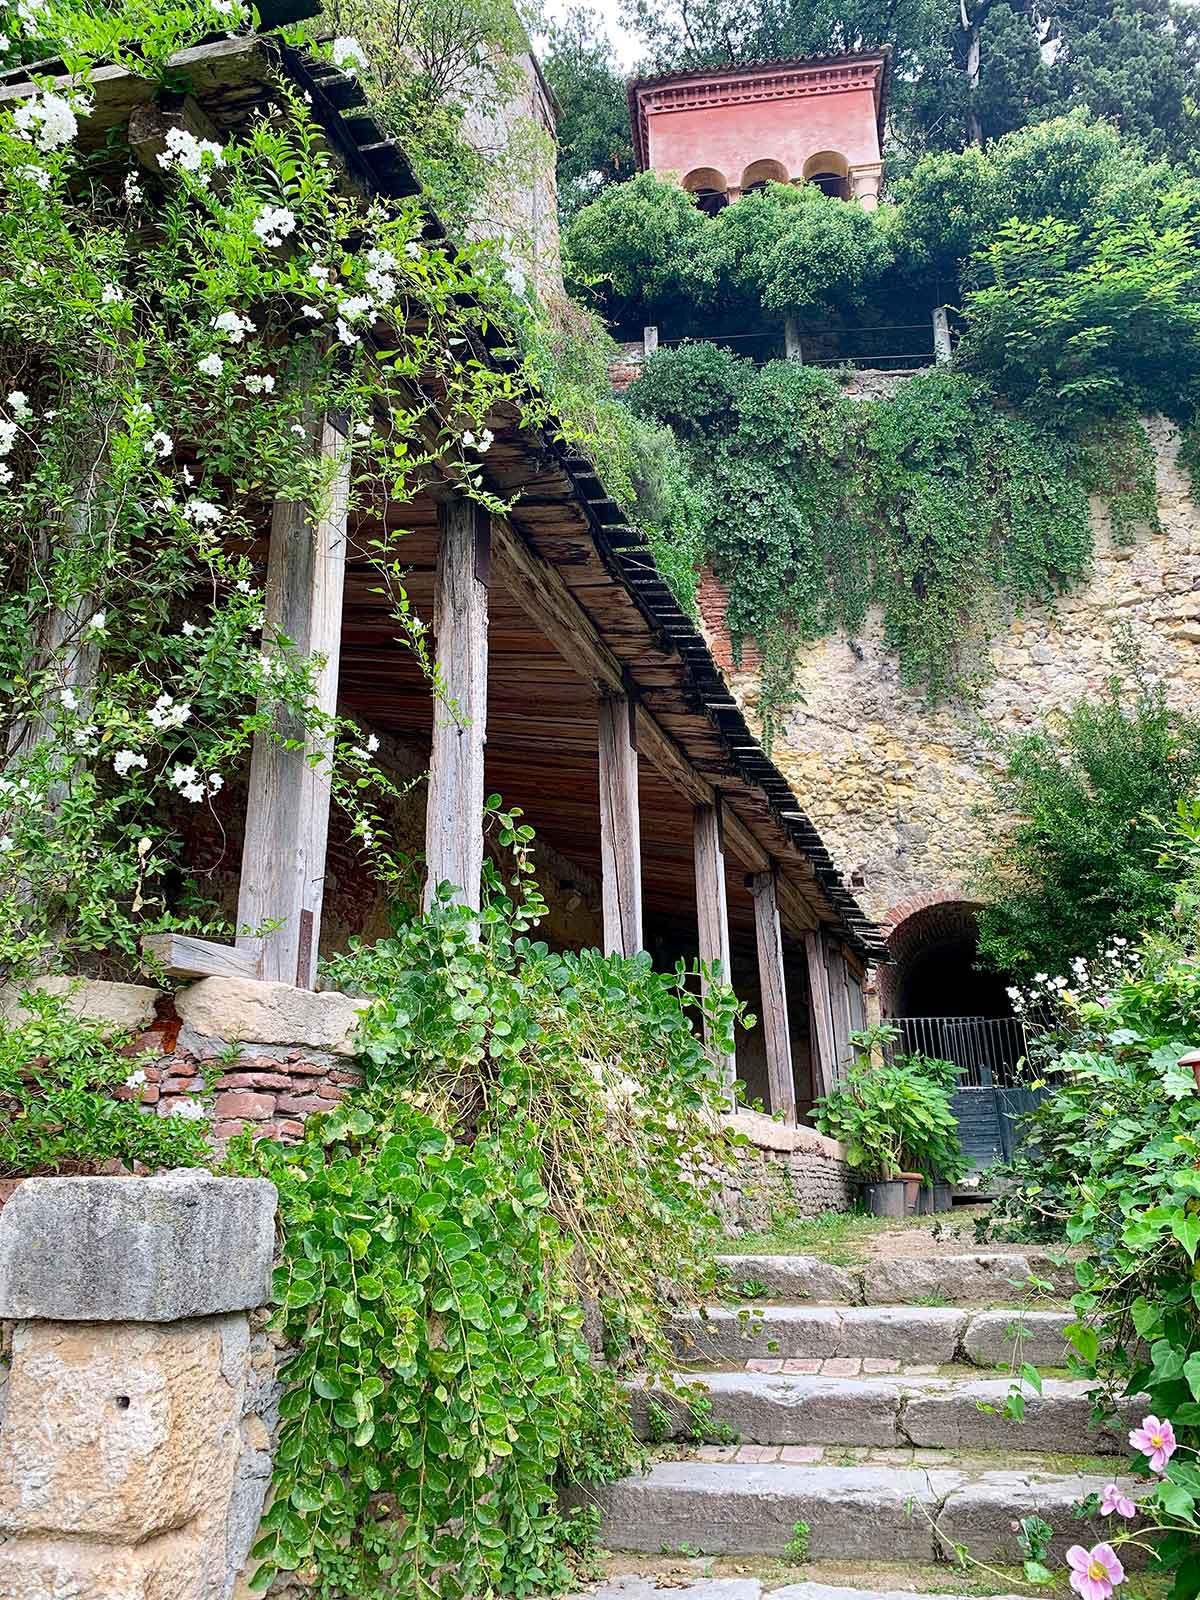 Stairs and flowers in Verona's Giardino Giusti